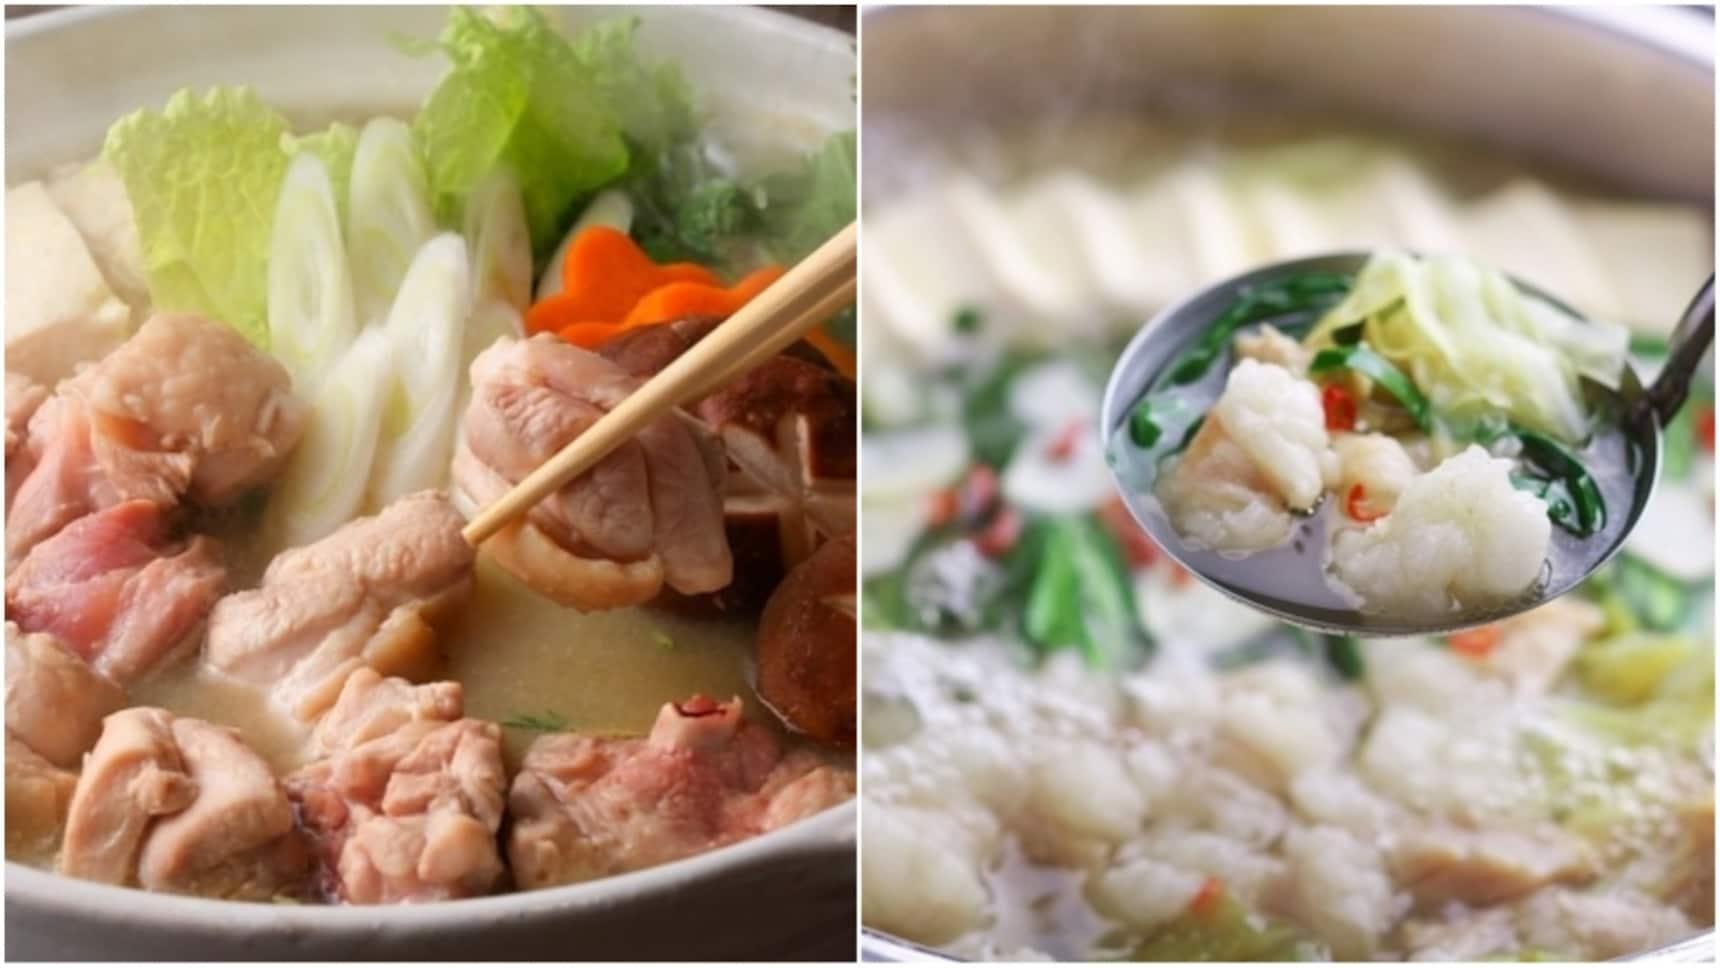 福岡兩大鍋物大對決!「水炊鍋」和「內臟鍋」你愛哪一款